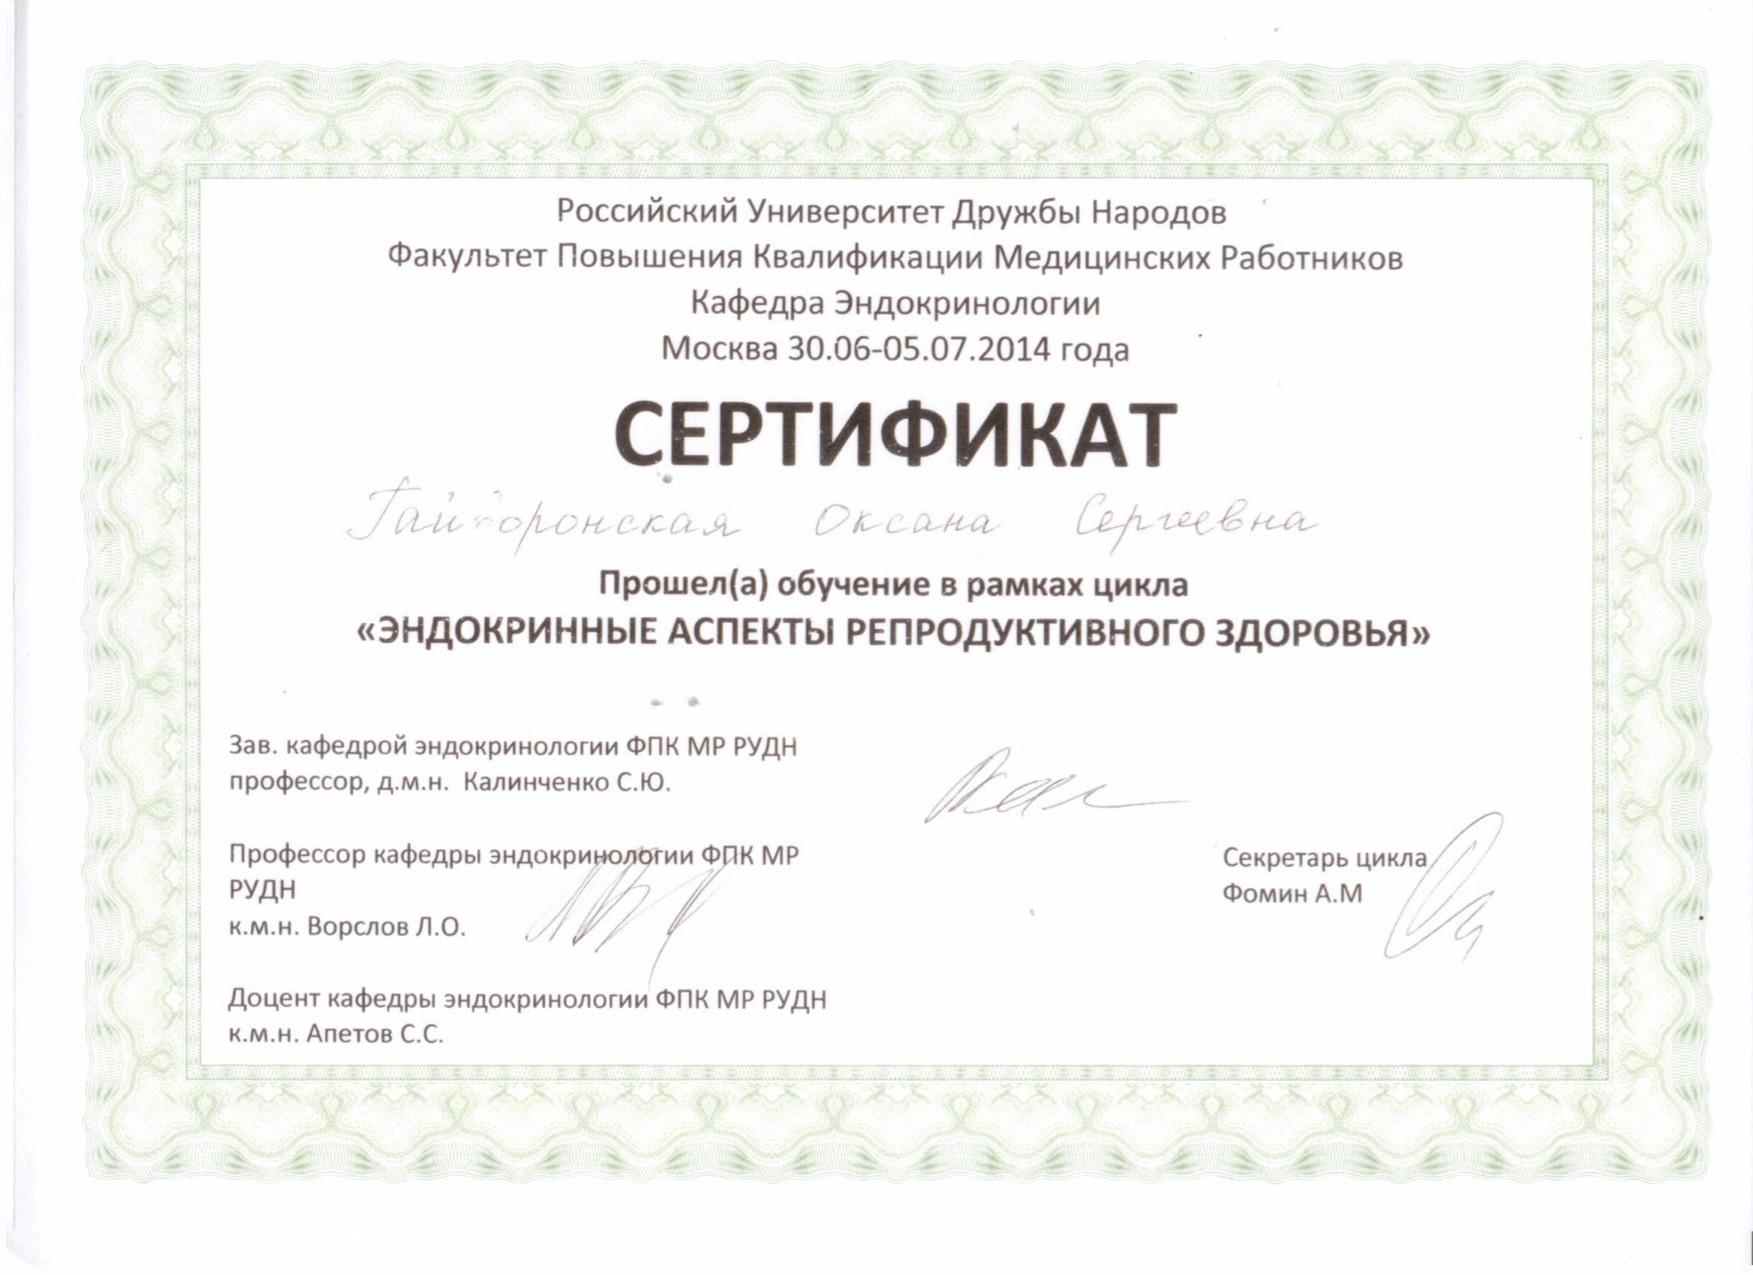 Гайворонская Оксана Сергеевна